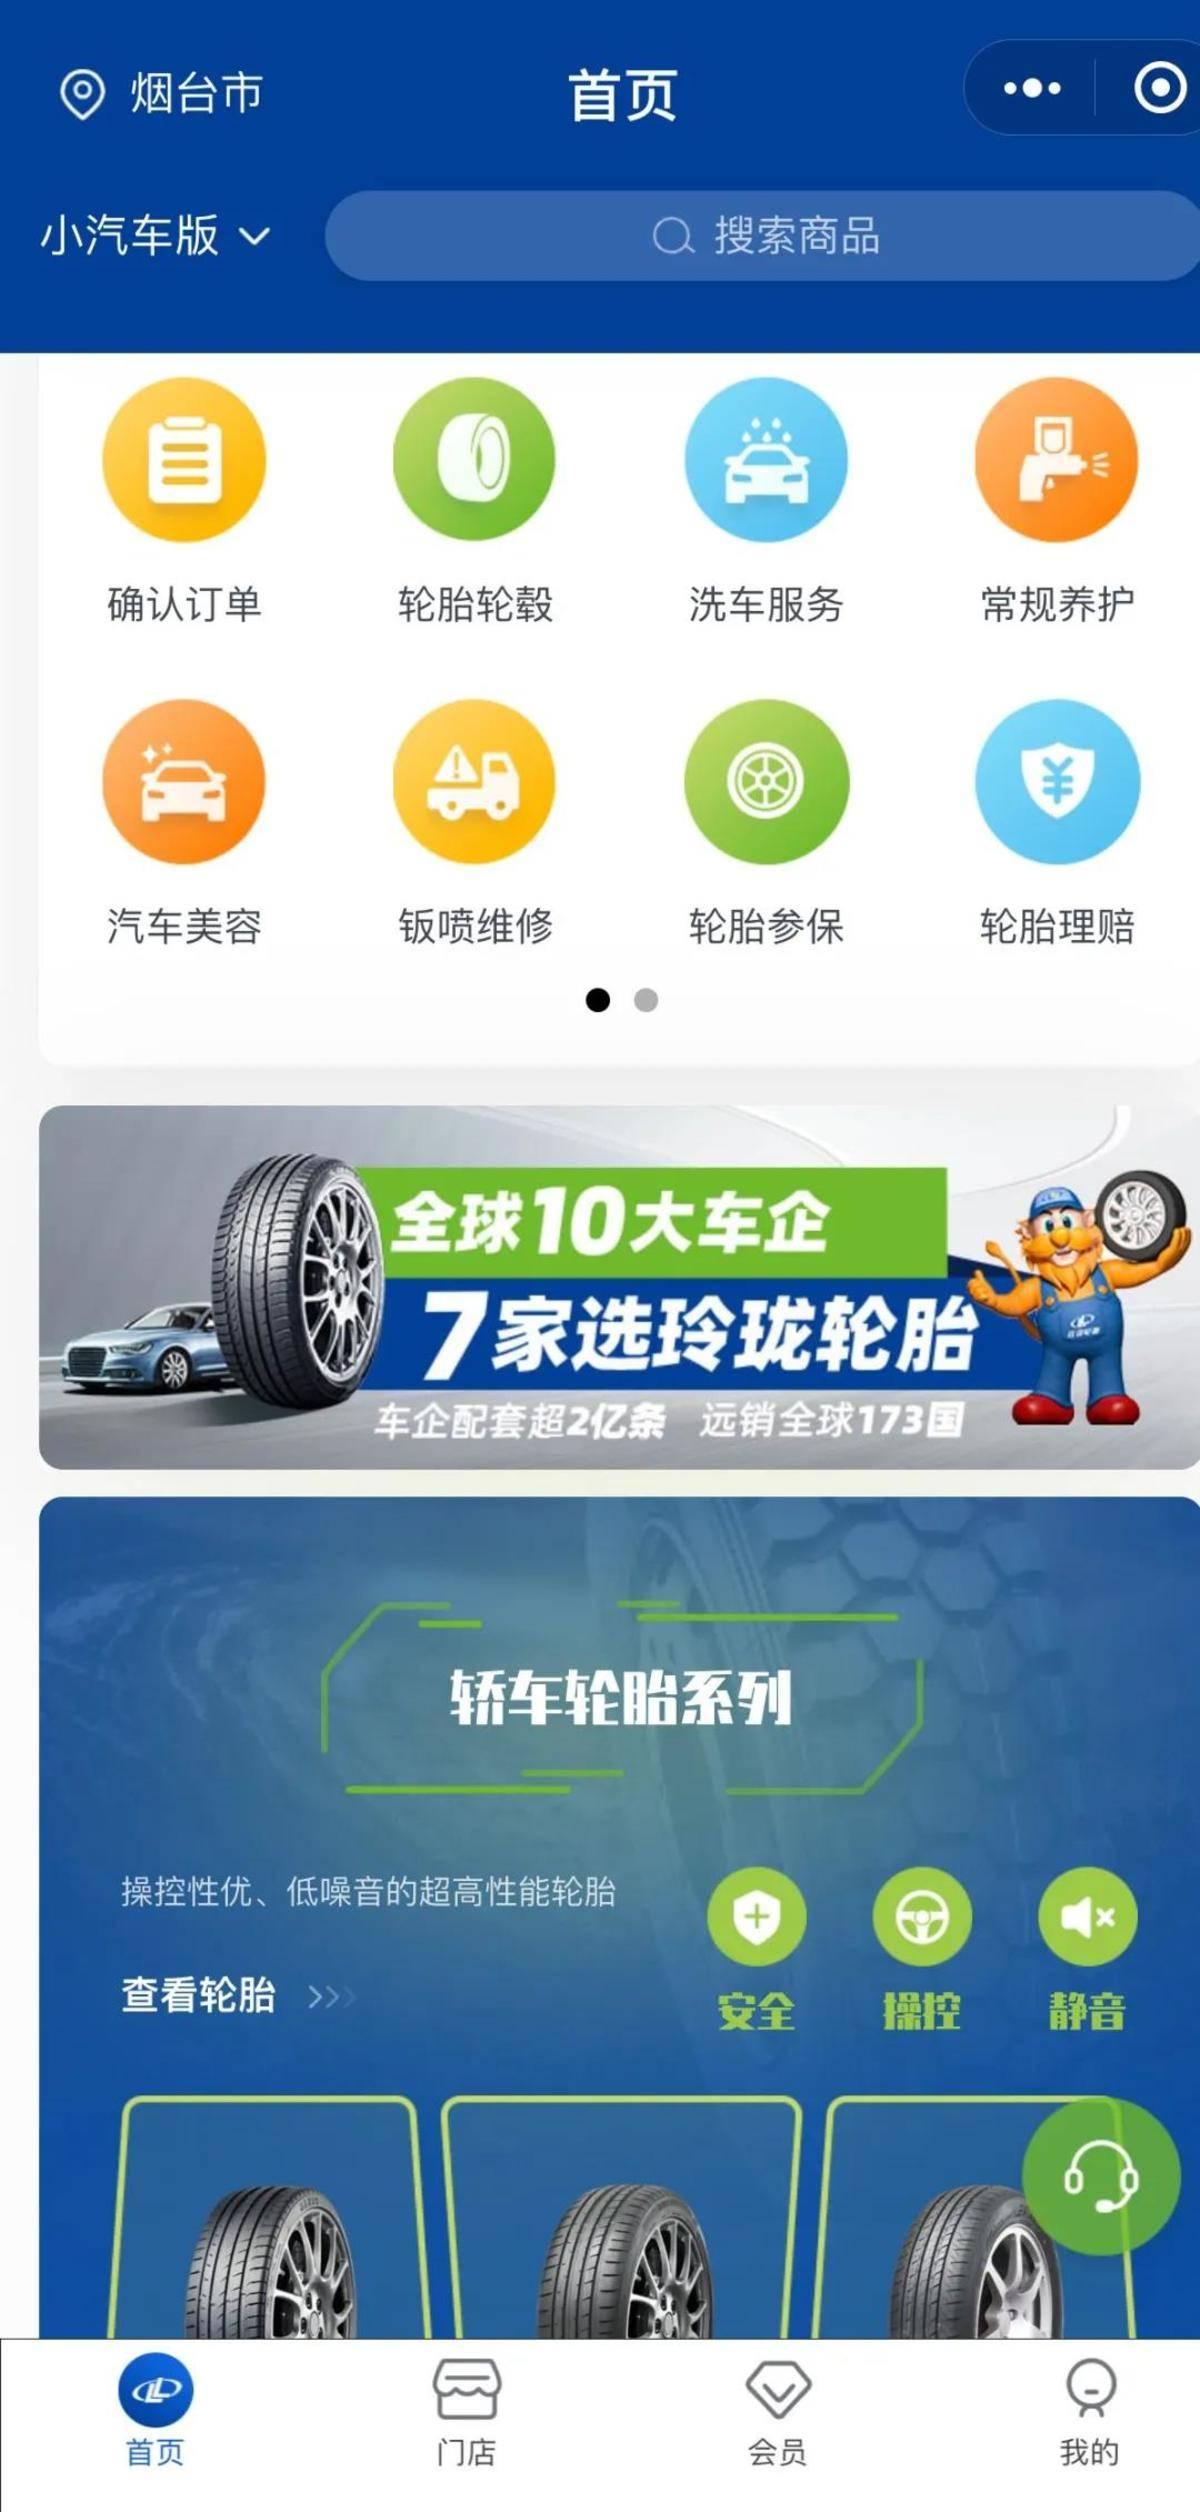 玲珑新零售2.0正式上线,厂商店三方联动创造用户服务新价值